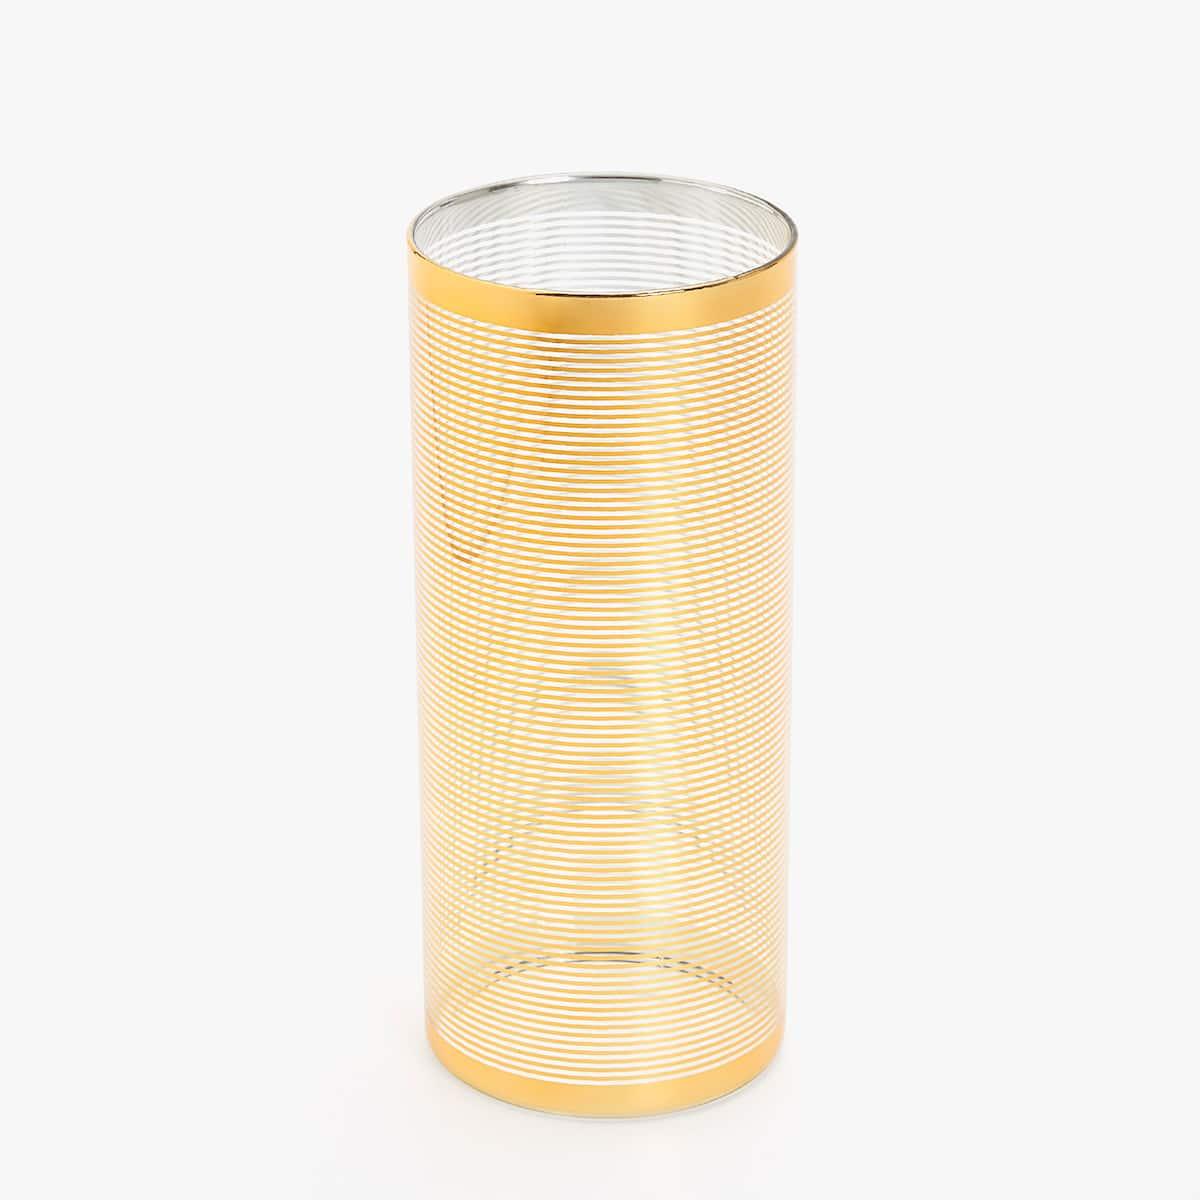 Afbeelding 1 van het product Vaas met goudkleurige strepen